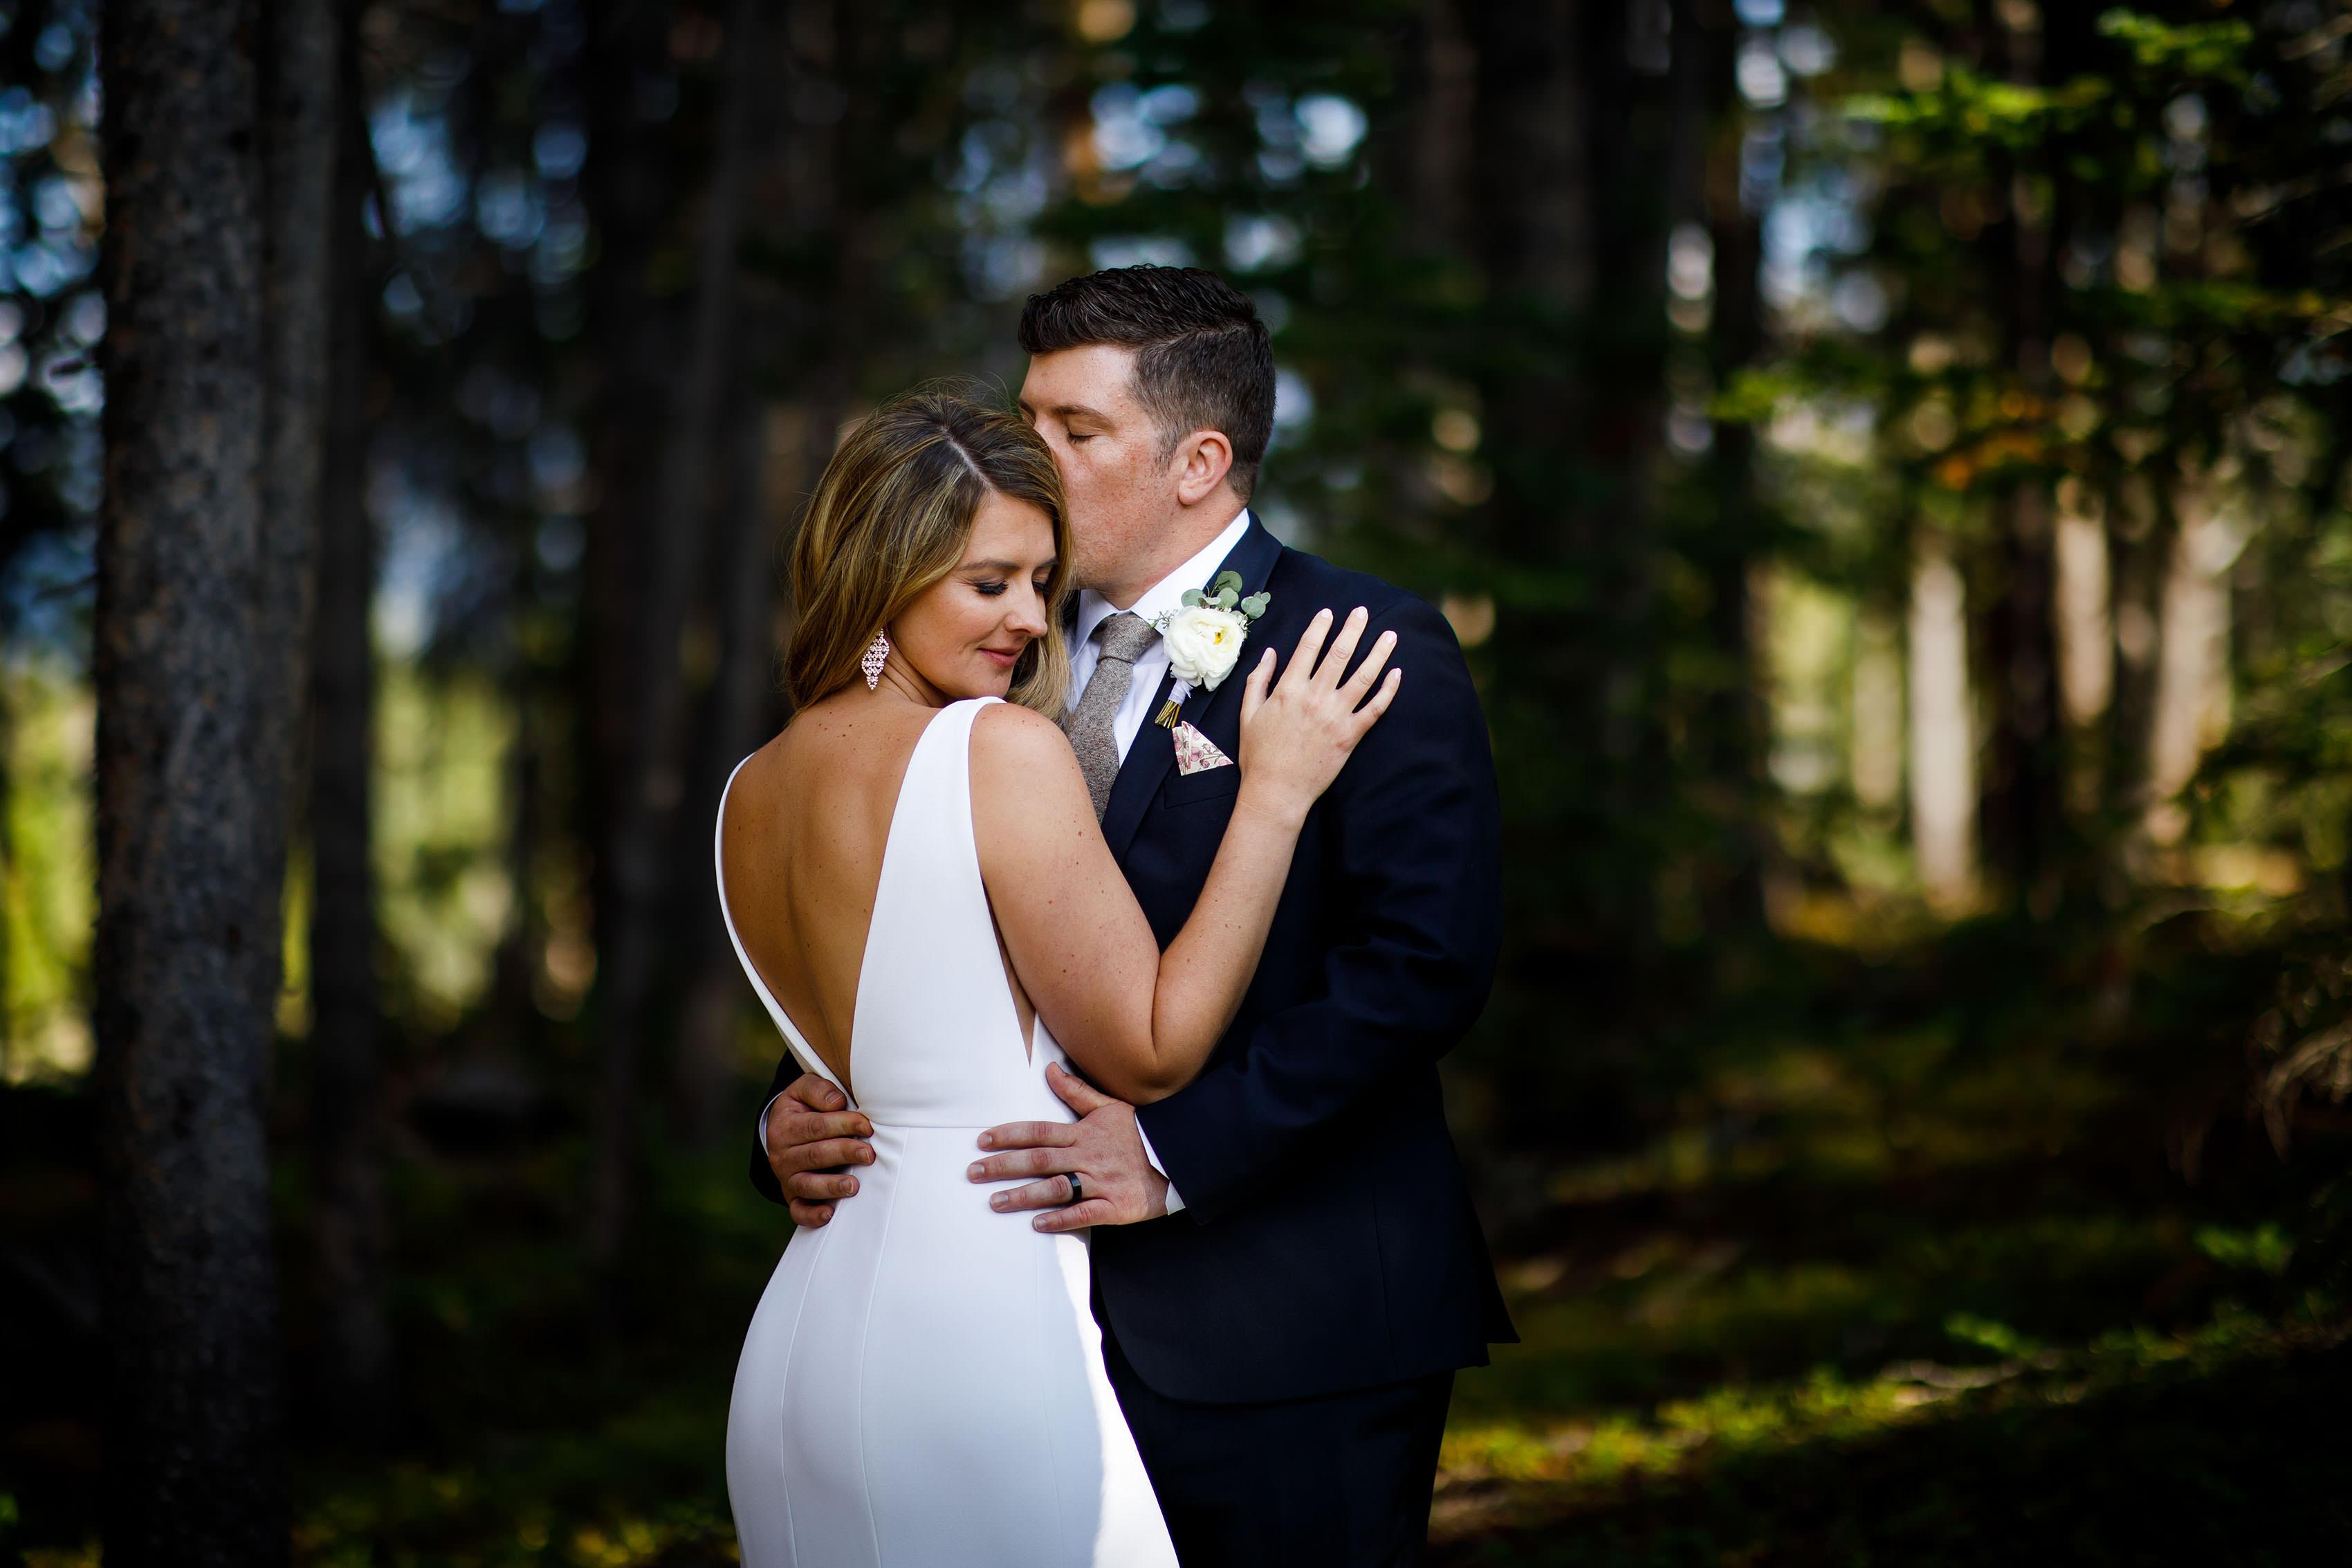 Heather & Matt's Wedding at TenMile Station